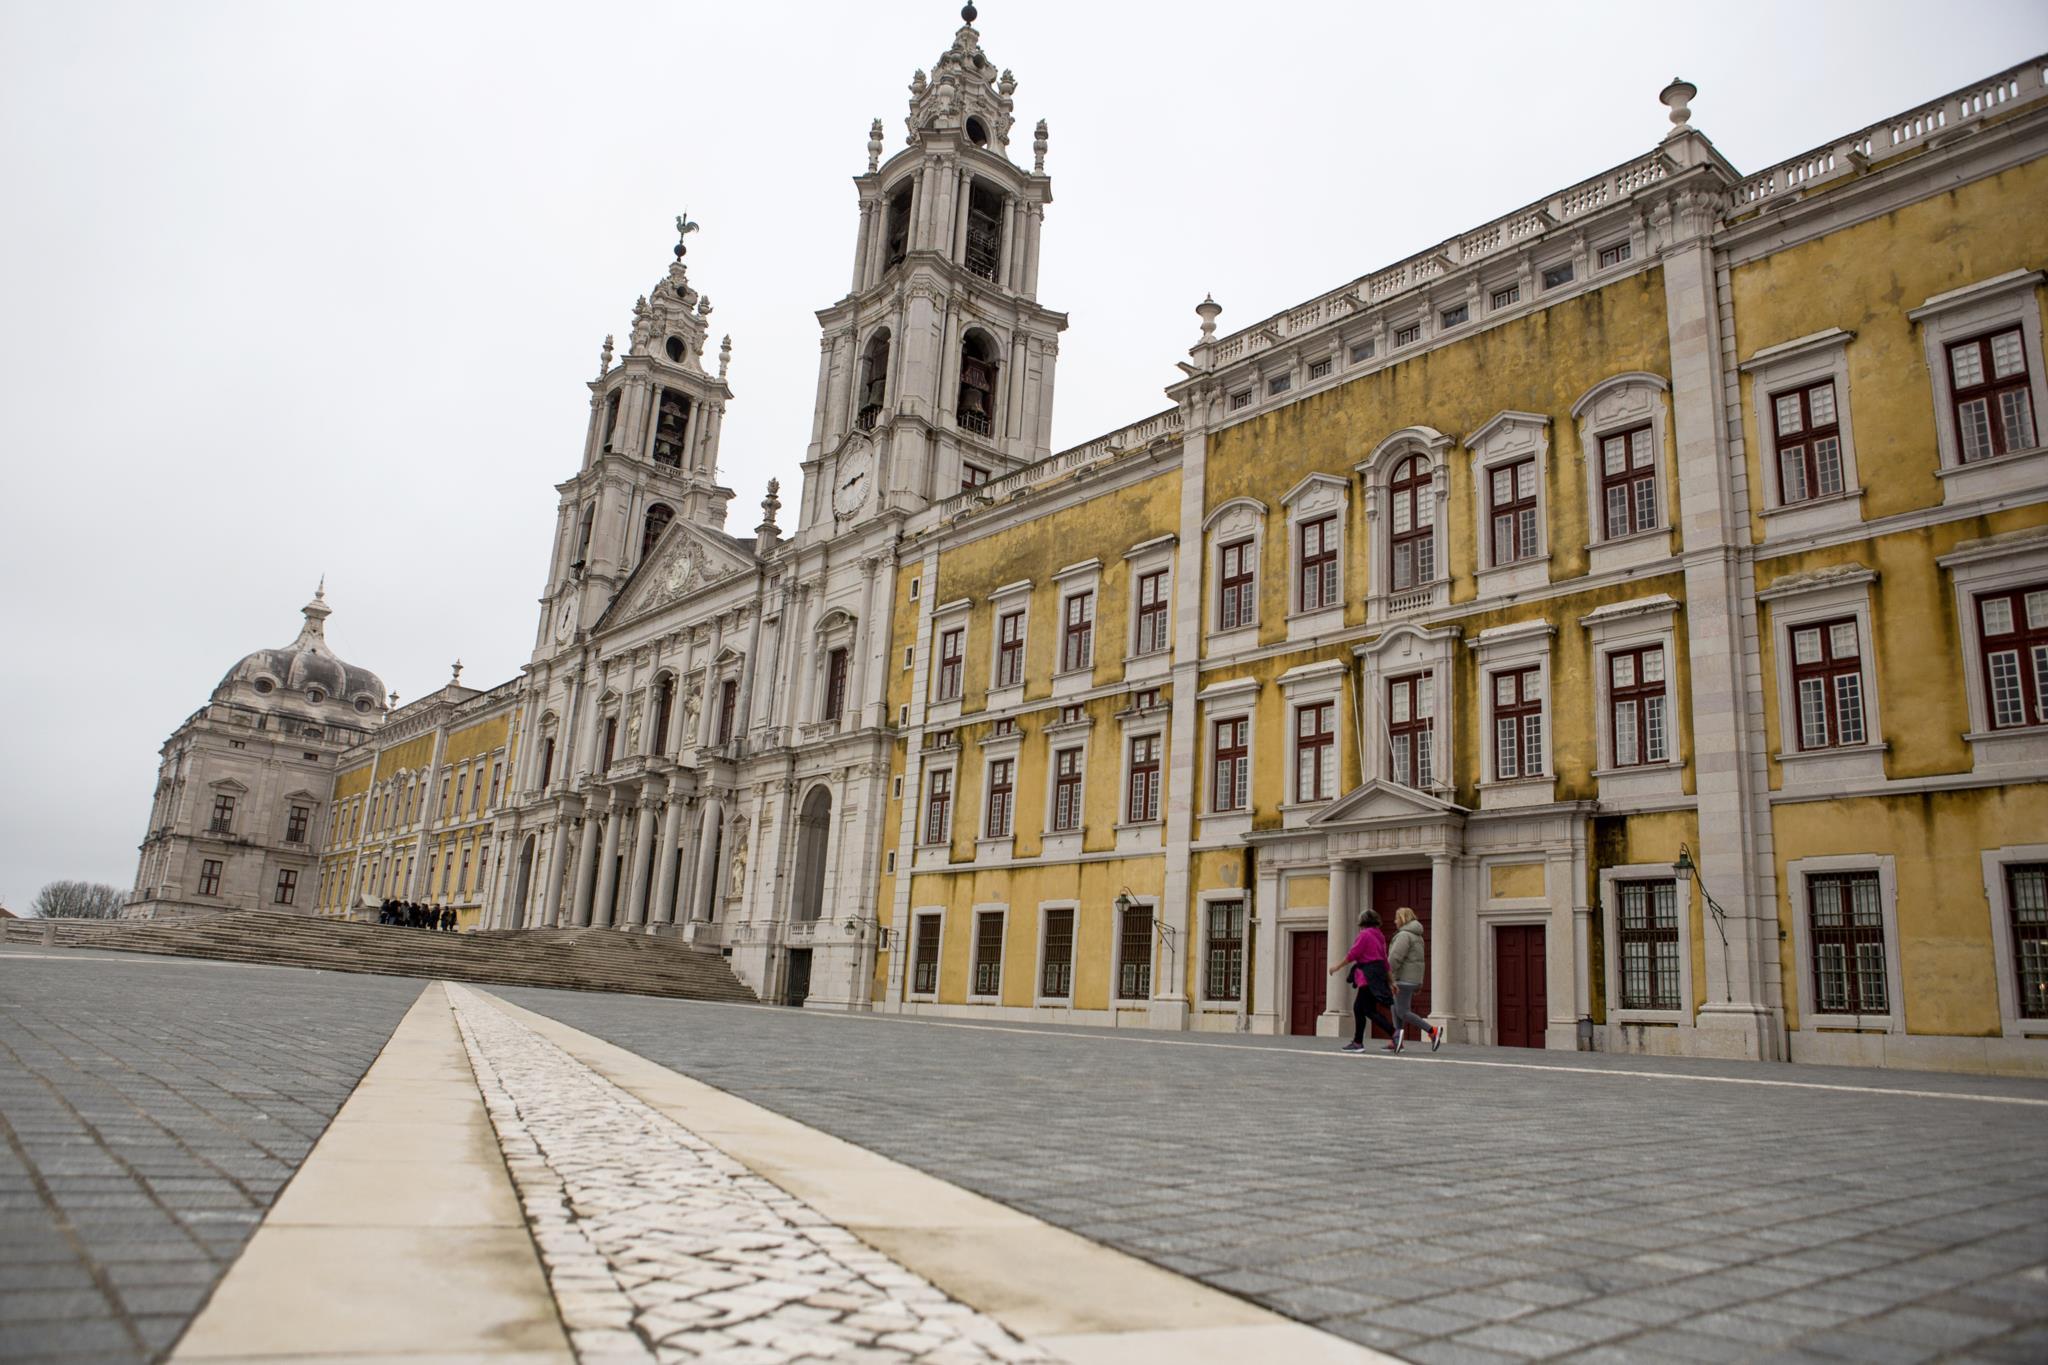 Palácio Nacional de Mafra: restauro dos sinos e carrilhões reforçado